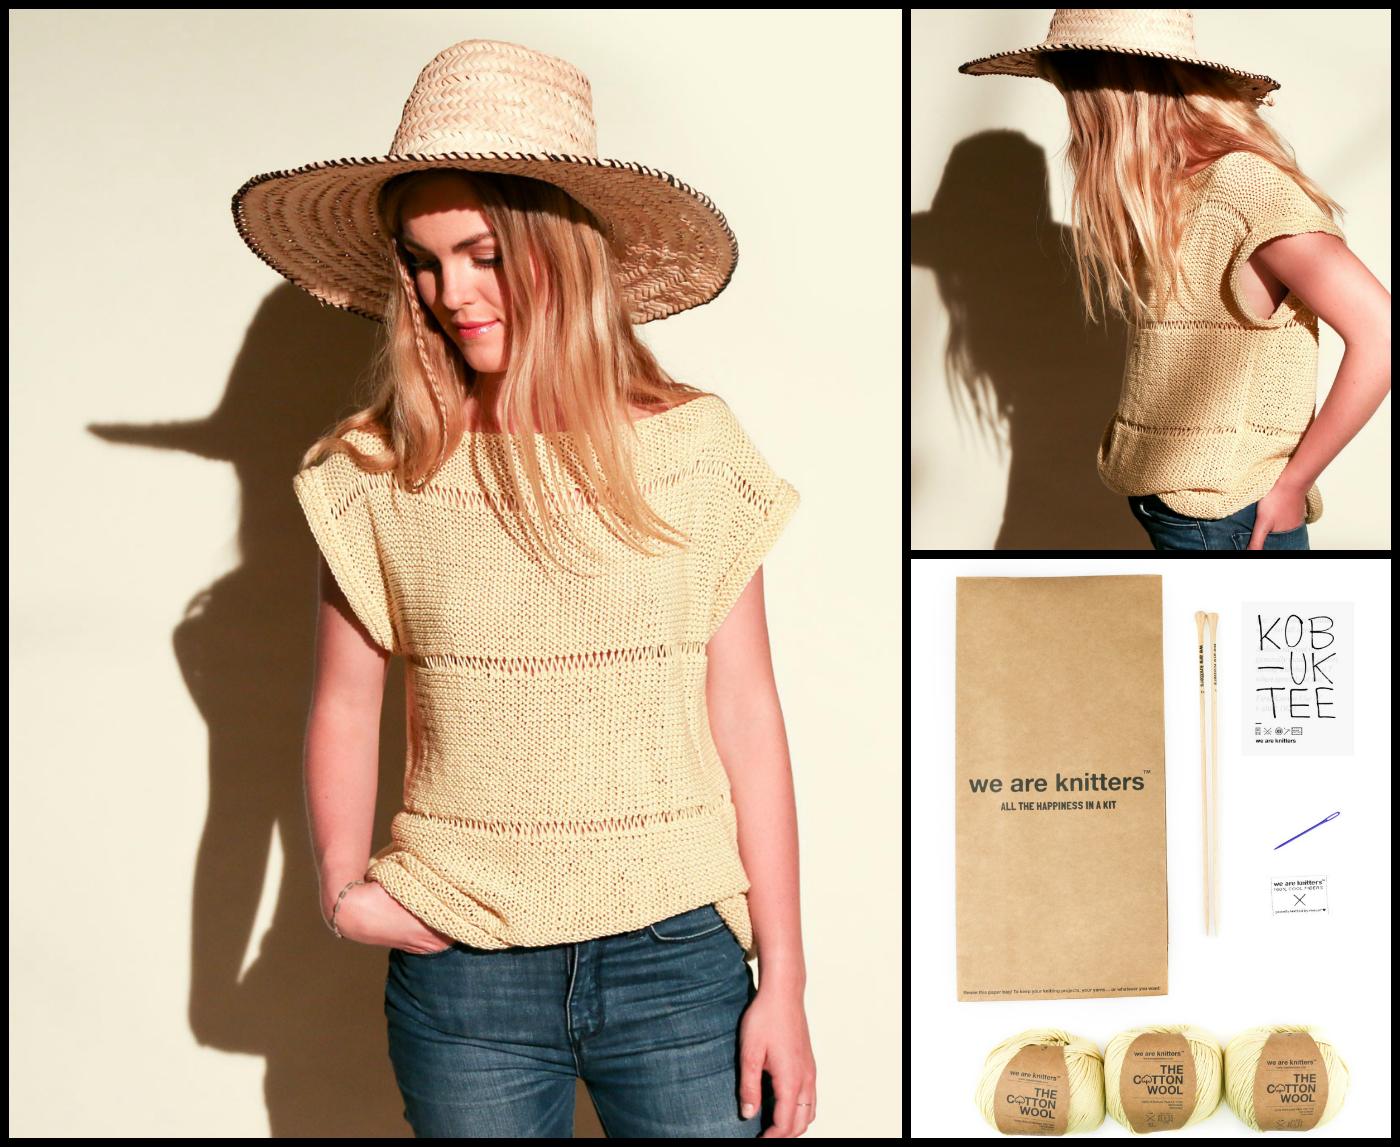 Kobuk Tee Kit from We Are Knitters #tttkal #tttkal16